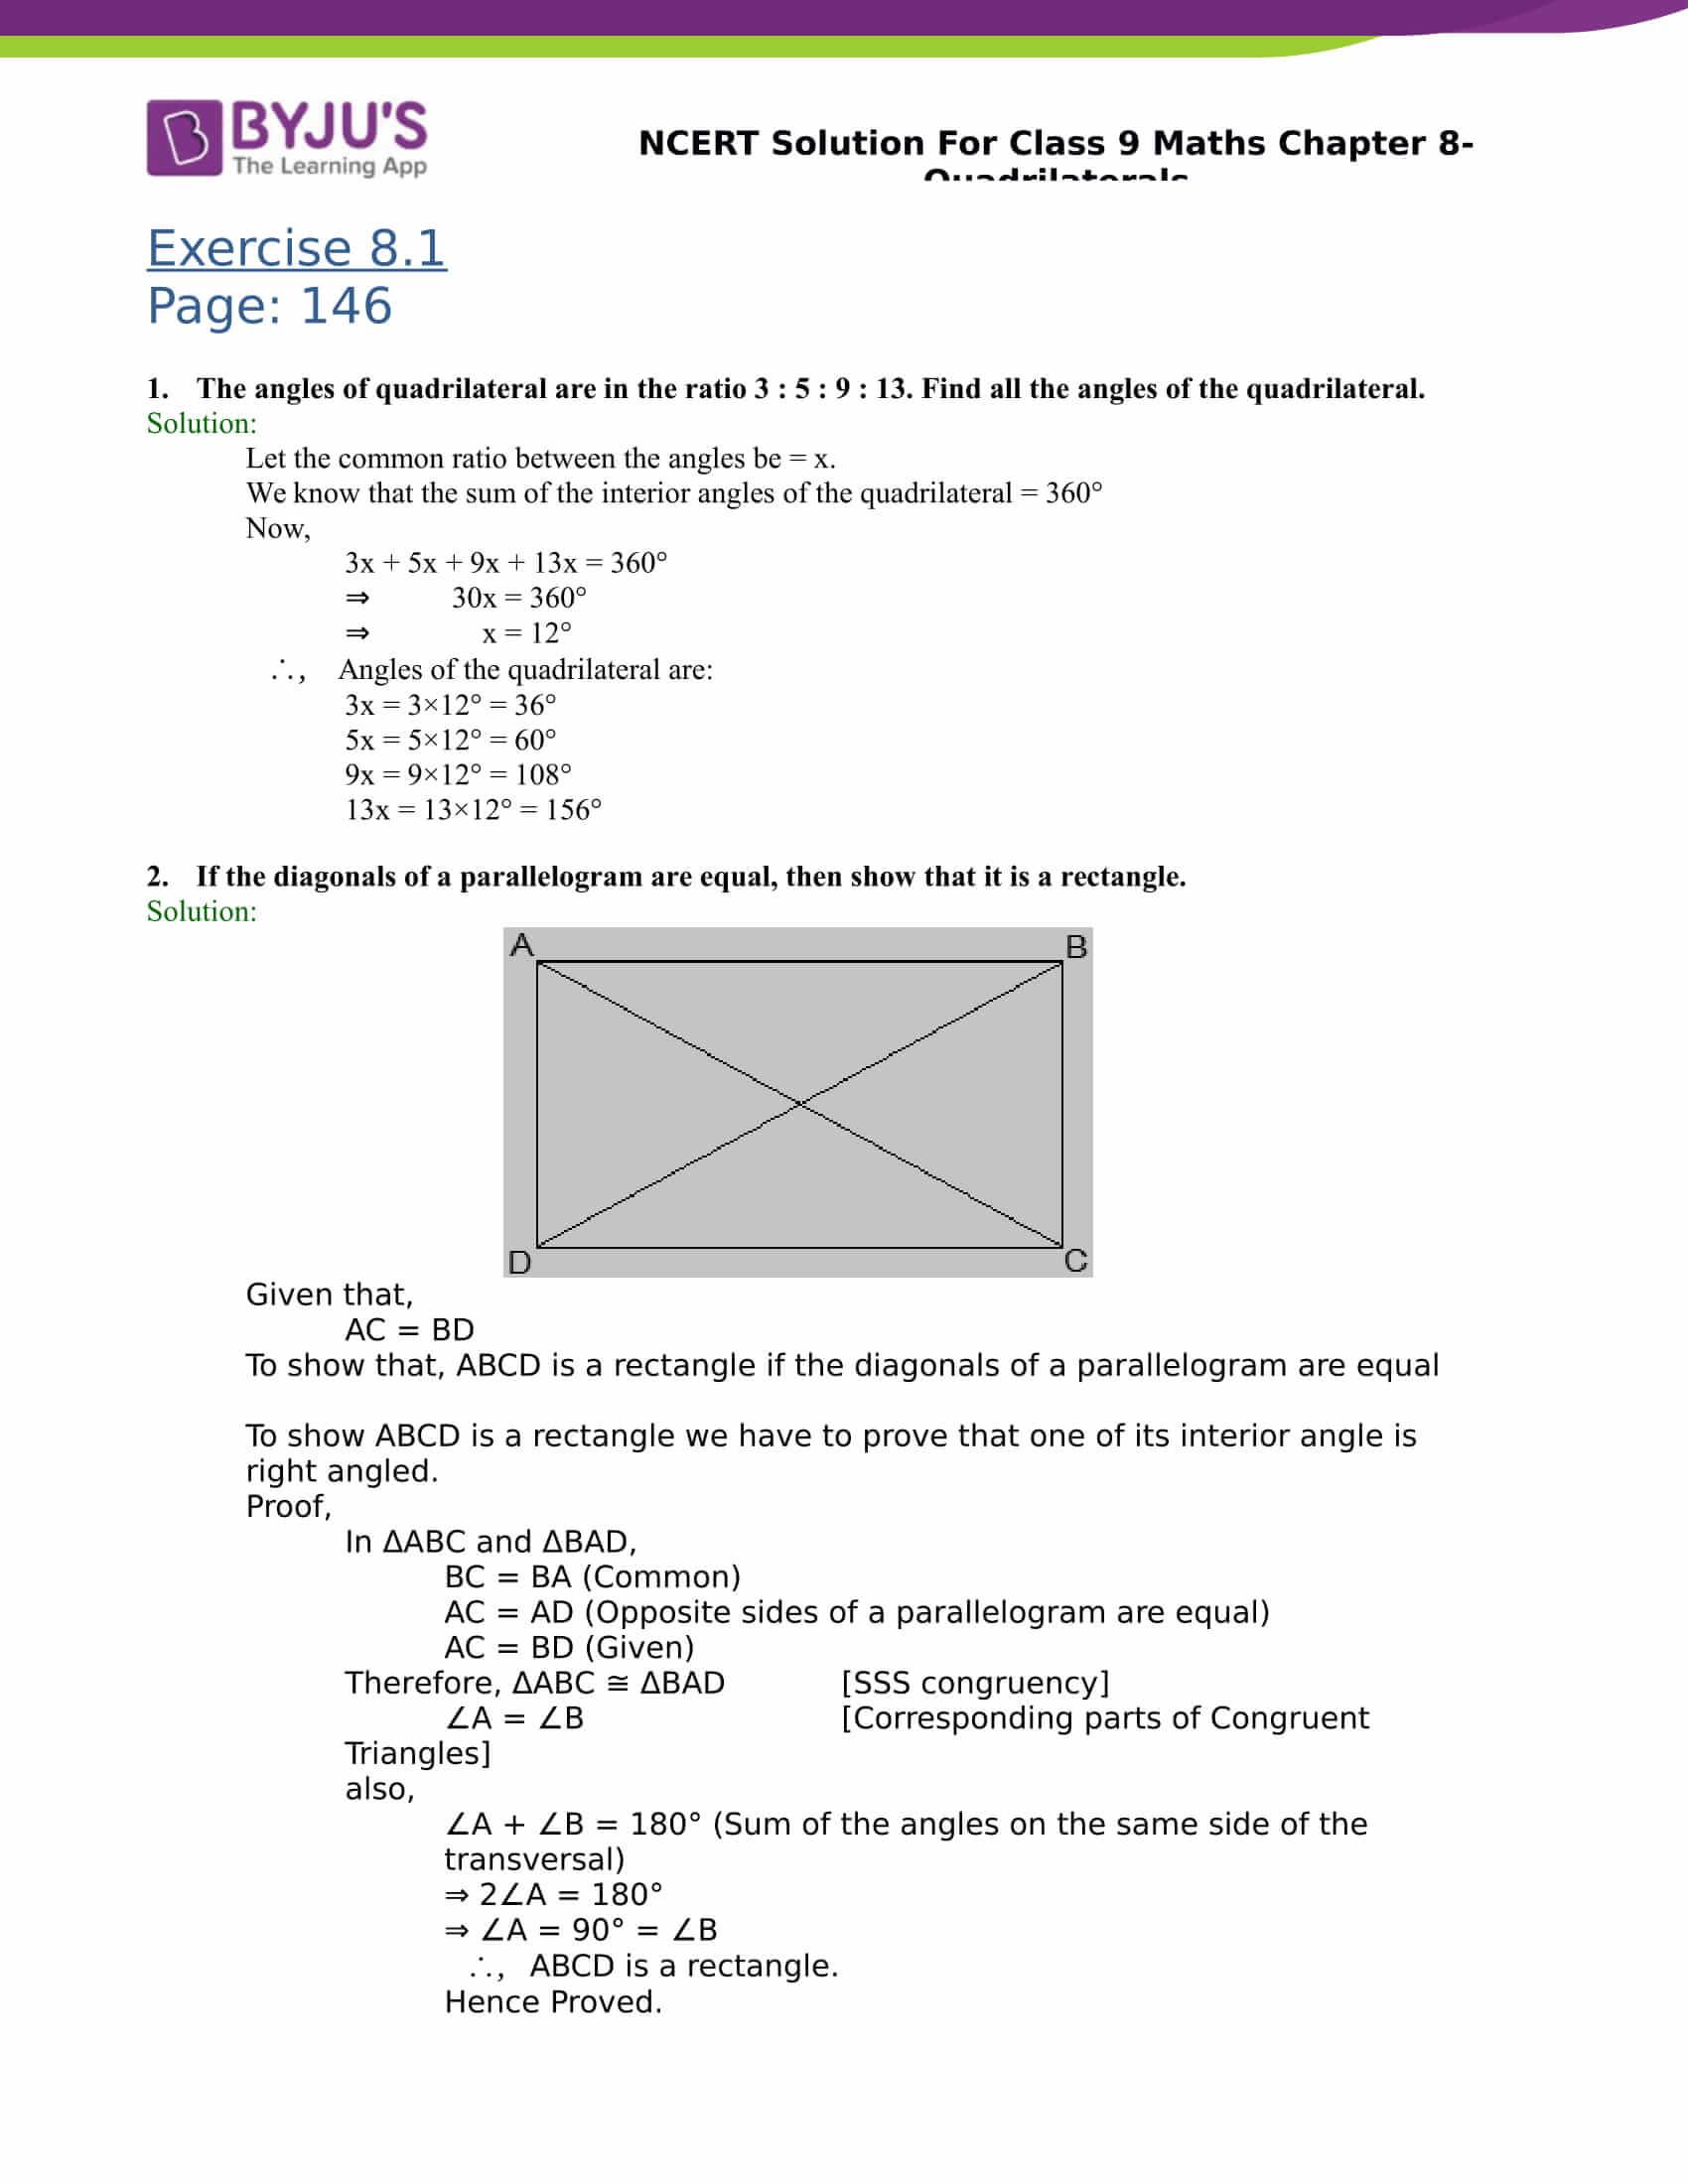 NCERT Solutions Class 9 Maths Chapter 8 Quadrilaterals